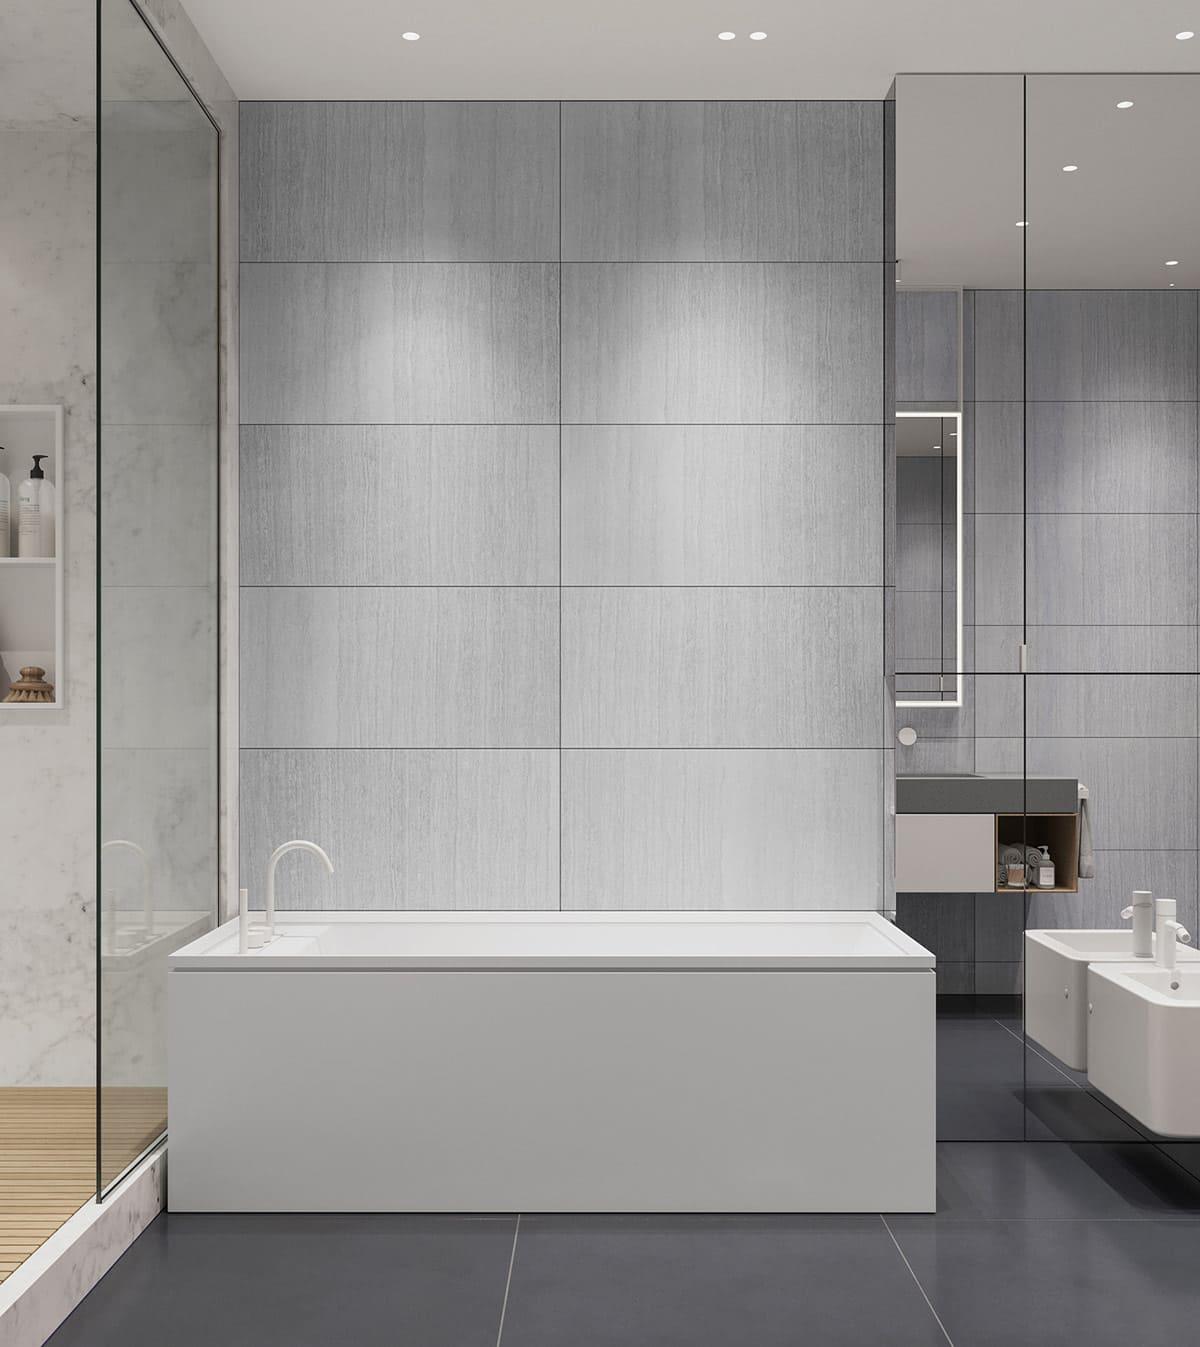 дизайн интерьера ванной комнаты фото 58